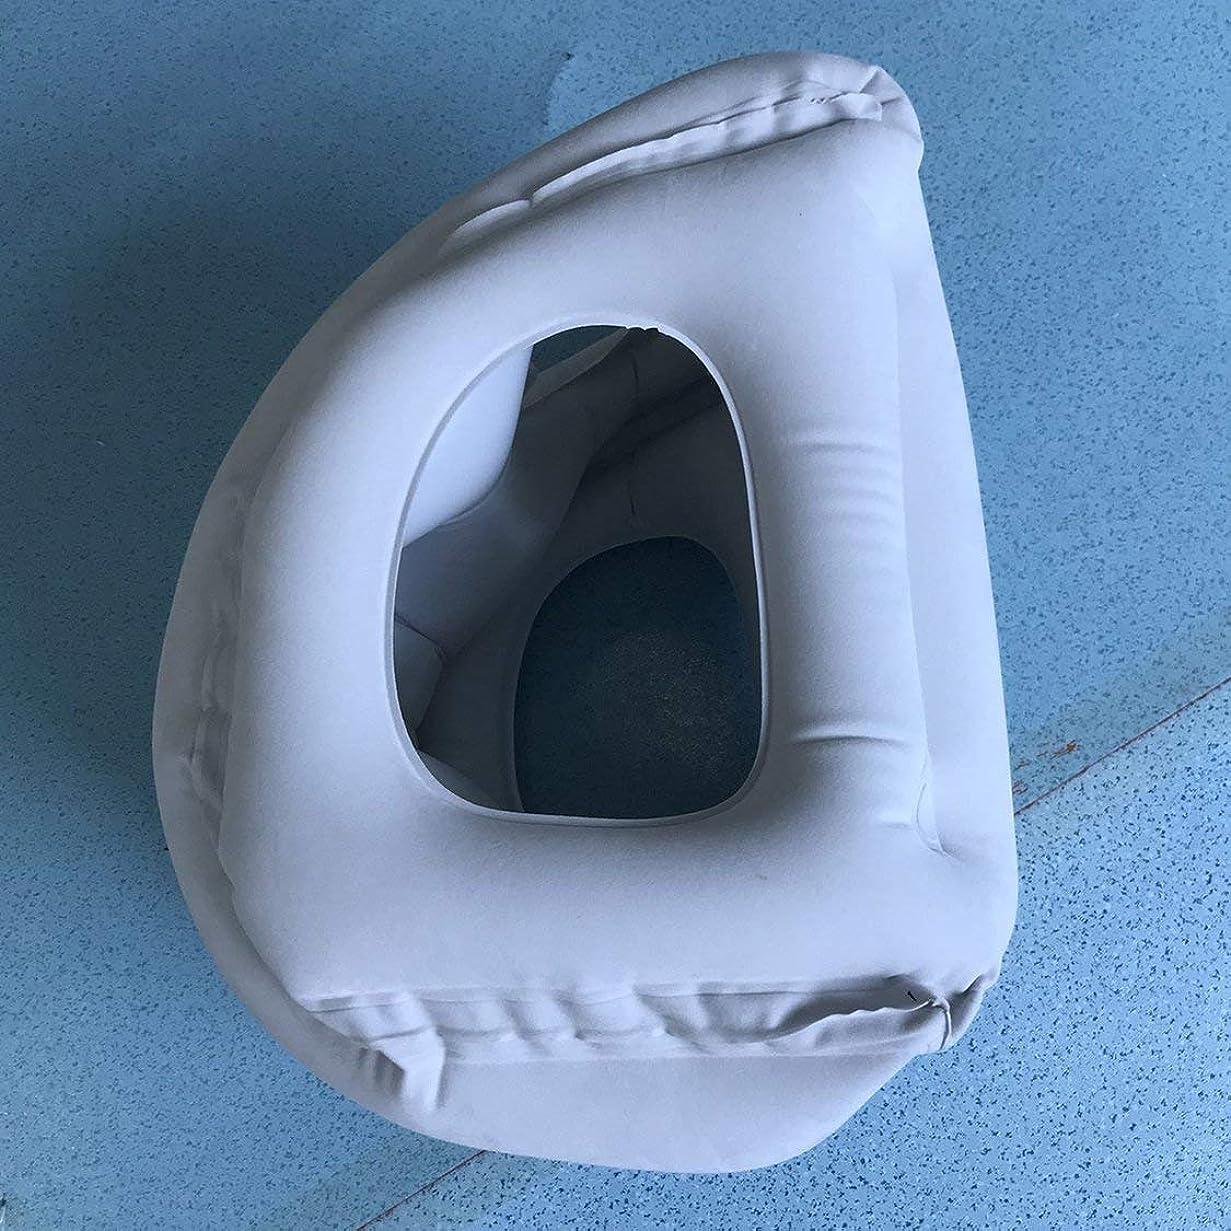 地質学コマンド鋼革新的で膨脹可能なクッション旅行枕、首/頭のあごのサポート旅行ボディ昼寝枕クッション飛行機/車/バス用